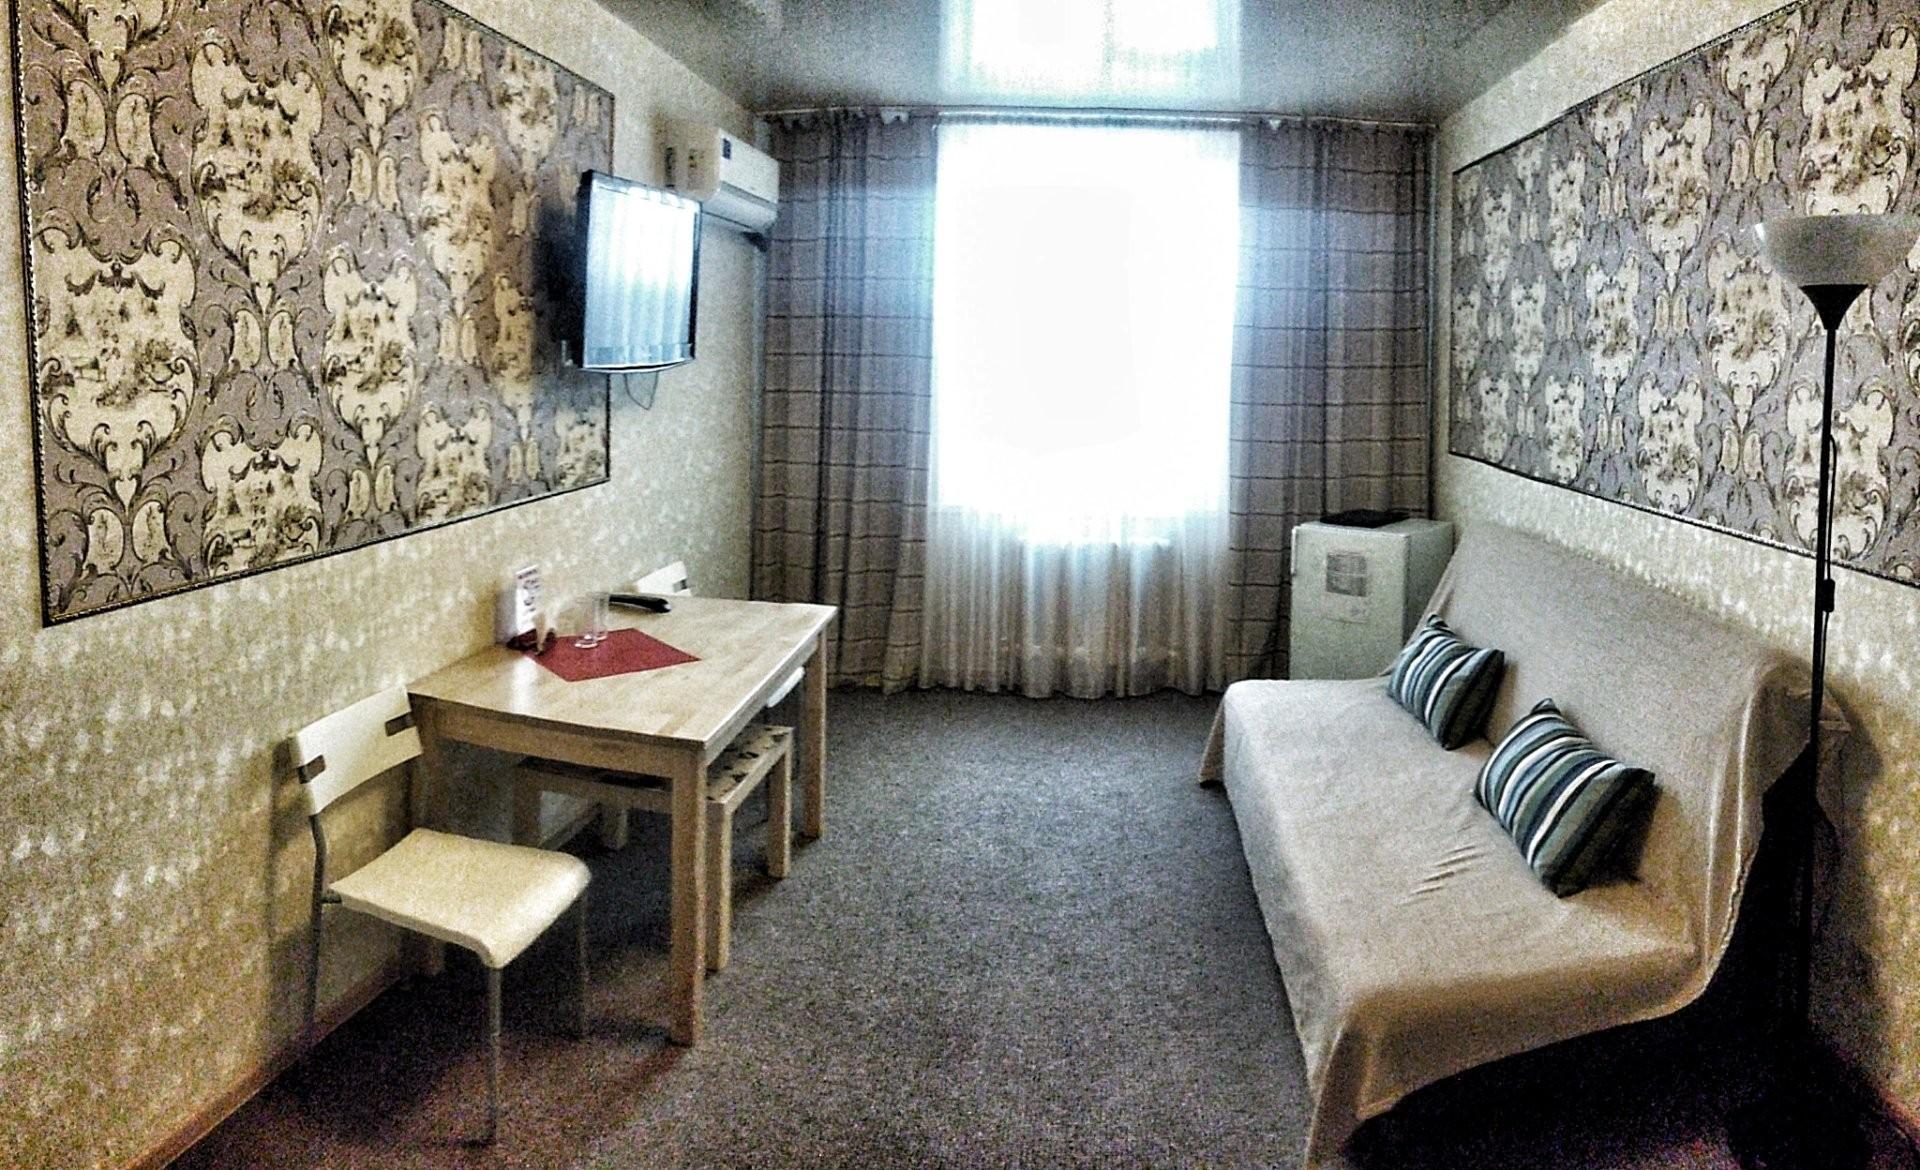 Мальта, гостиничный комплекс - №21